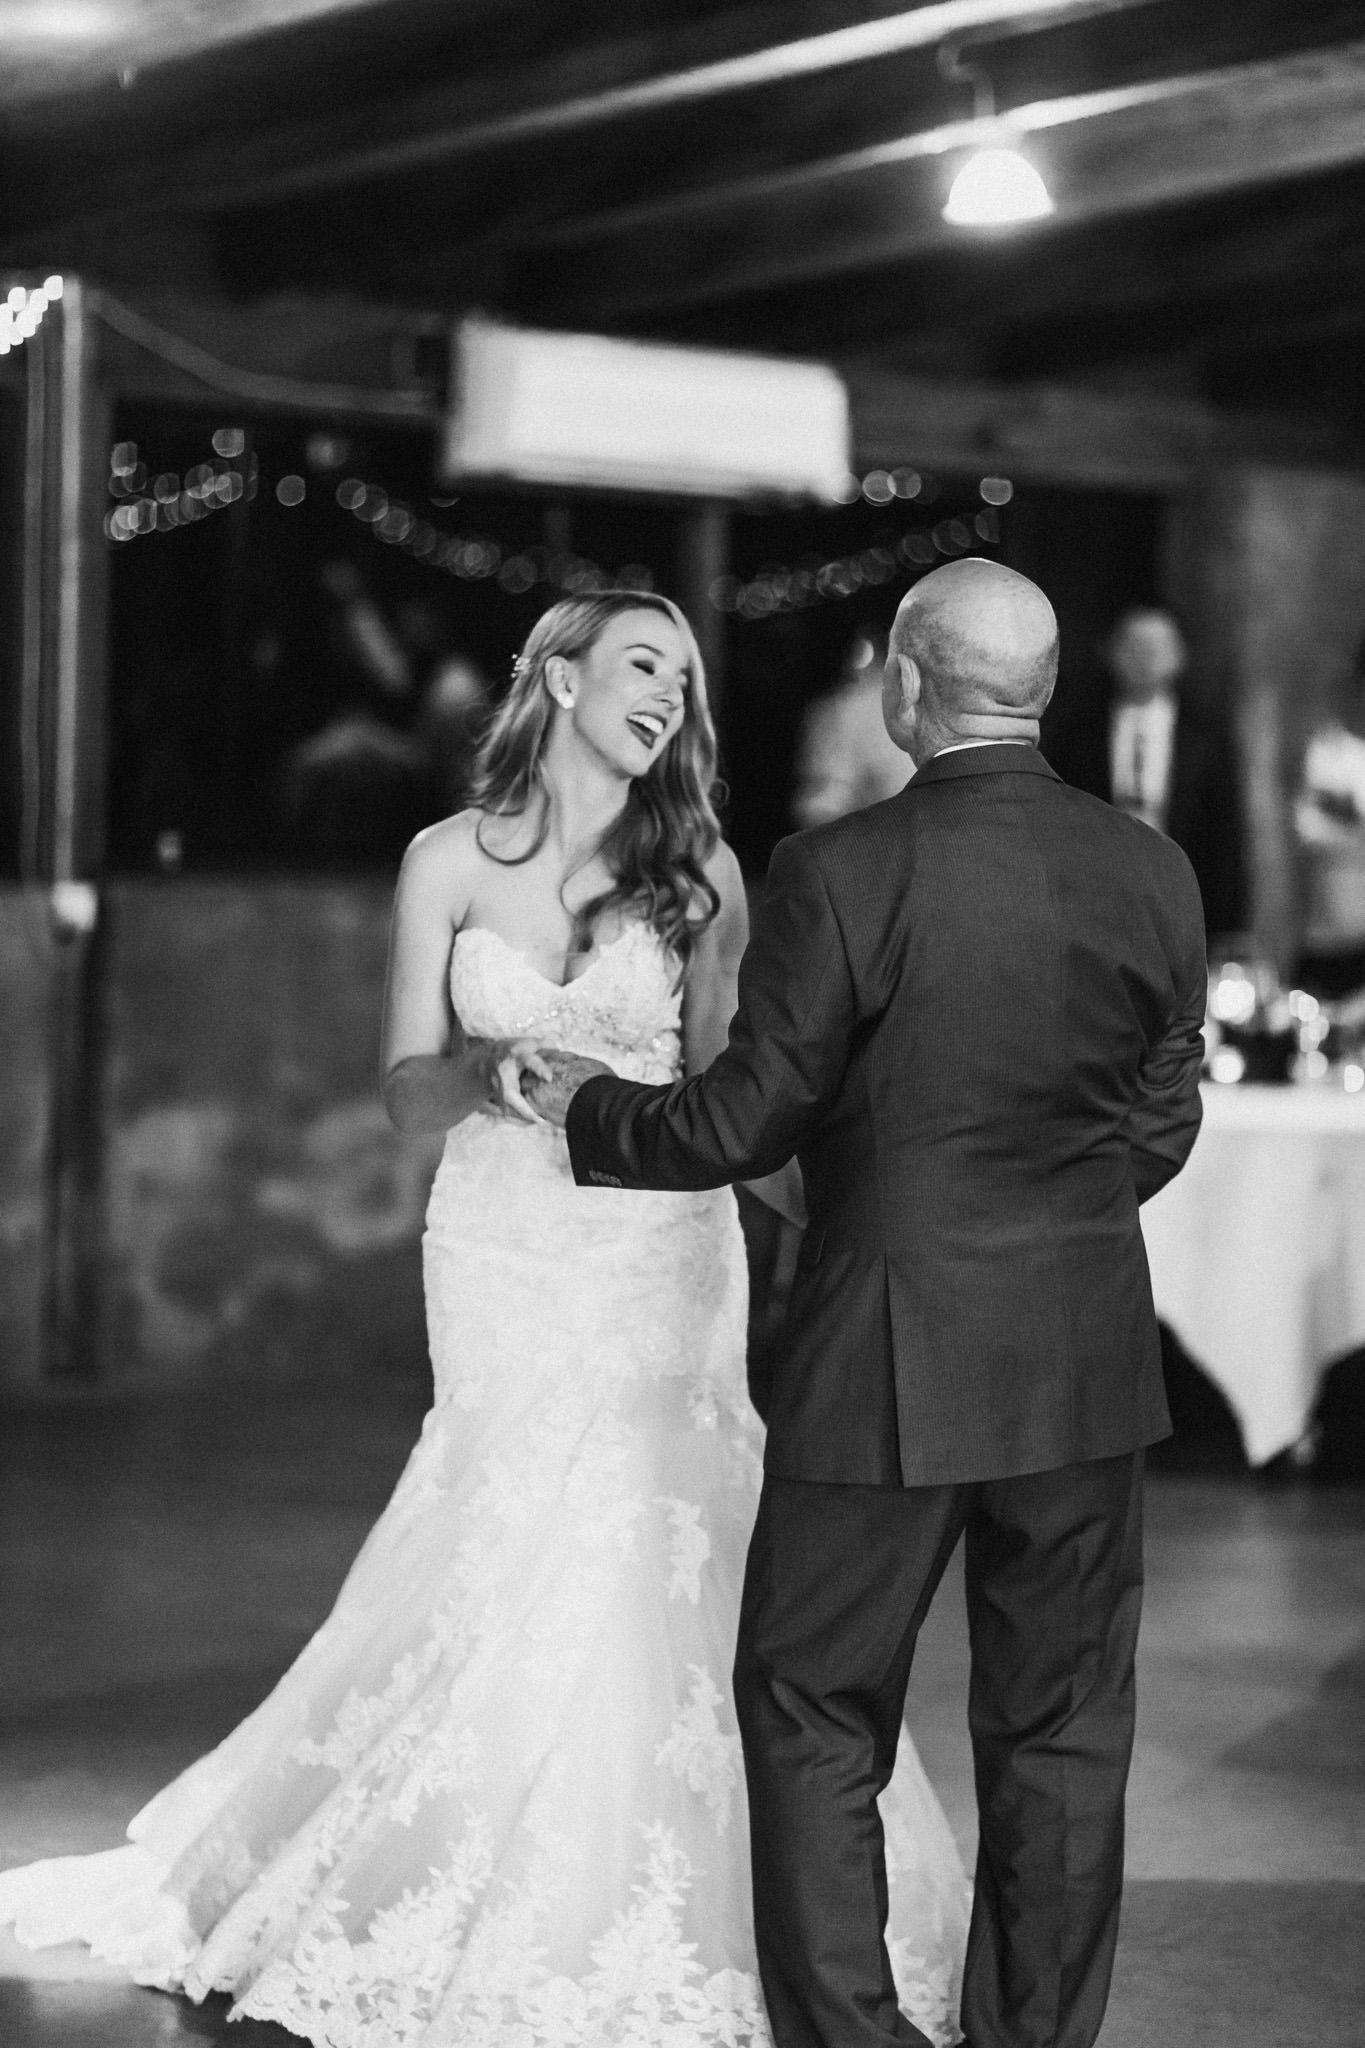 WeddingPhotos_Facebook_2048pixels-1159.jpg